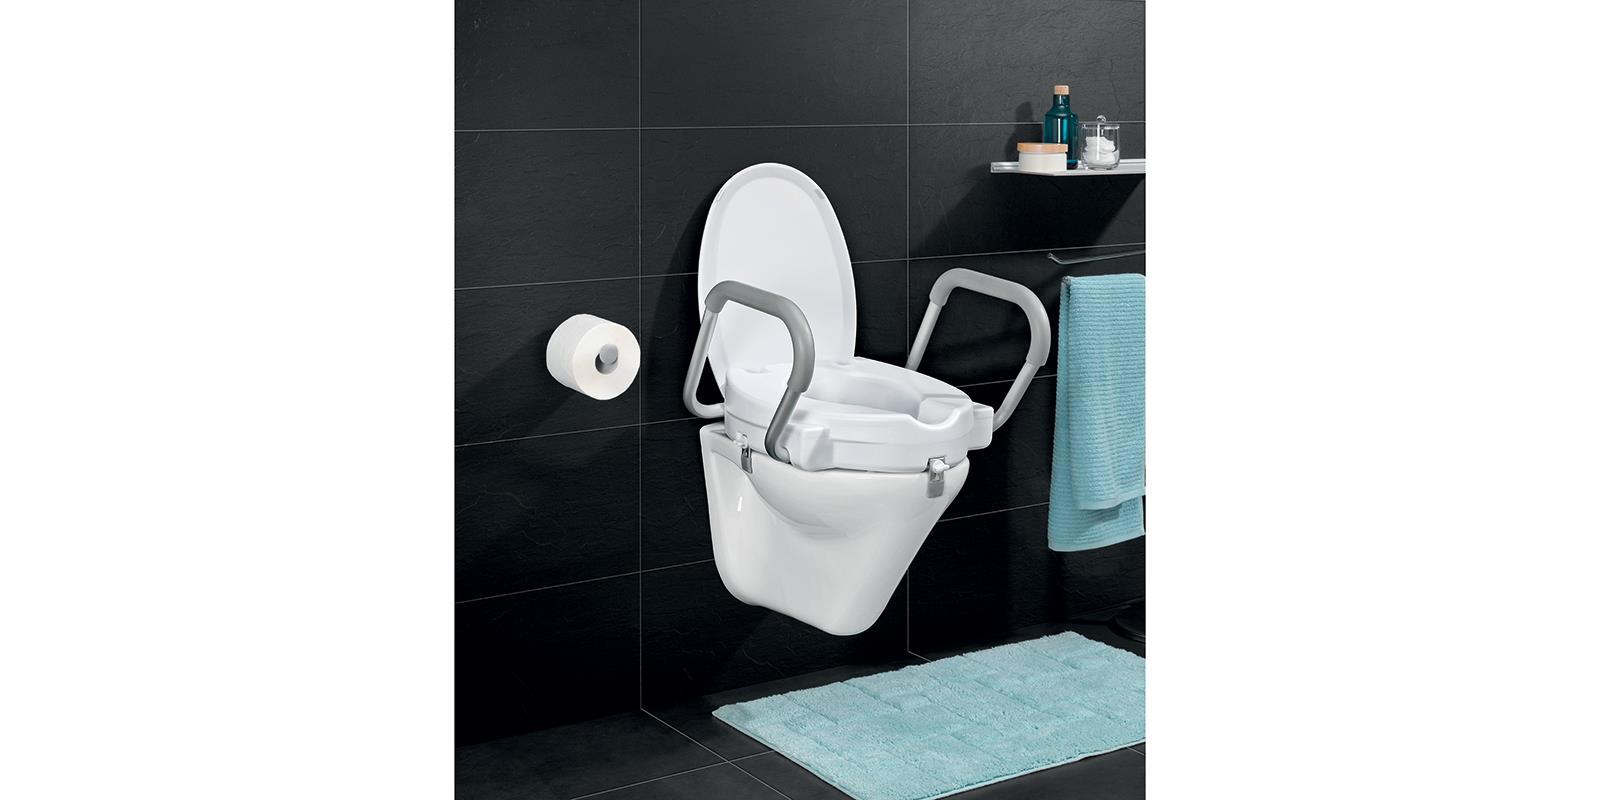 senioren wc erh hung mit griffen und deckel weiss toilettensitz aufsatz ebay. Black Bedroom Furniture Sets. Home Design Ideas